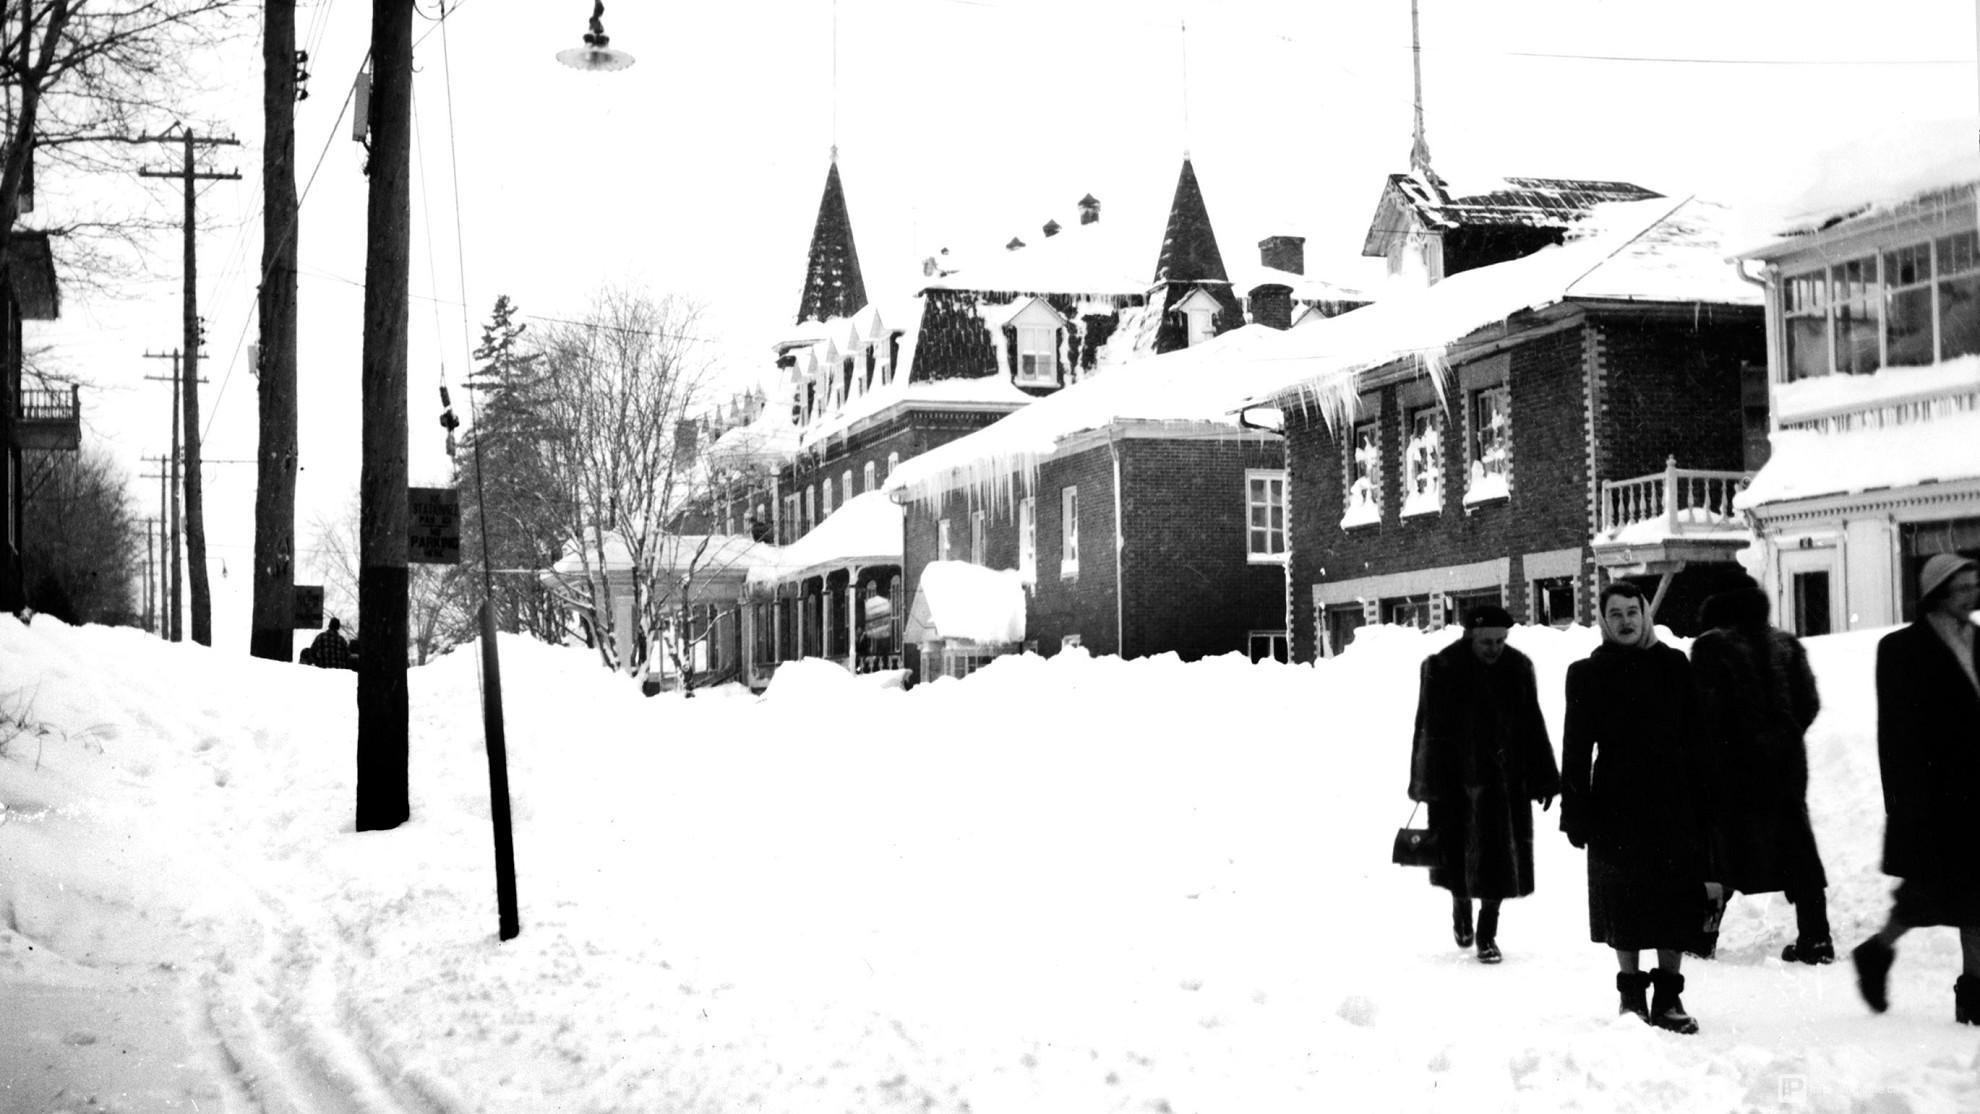 Rivière-du-Loup - Musée du Bas-Saint-Laurent, rue de la Cour vers 1945 - Fonds Joseph-Adélard Boucher, Jab0507a.